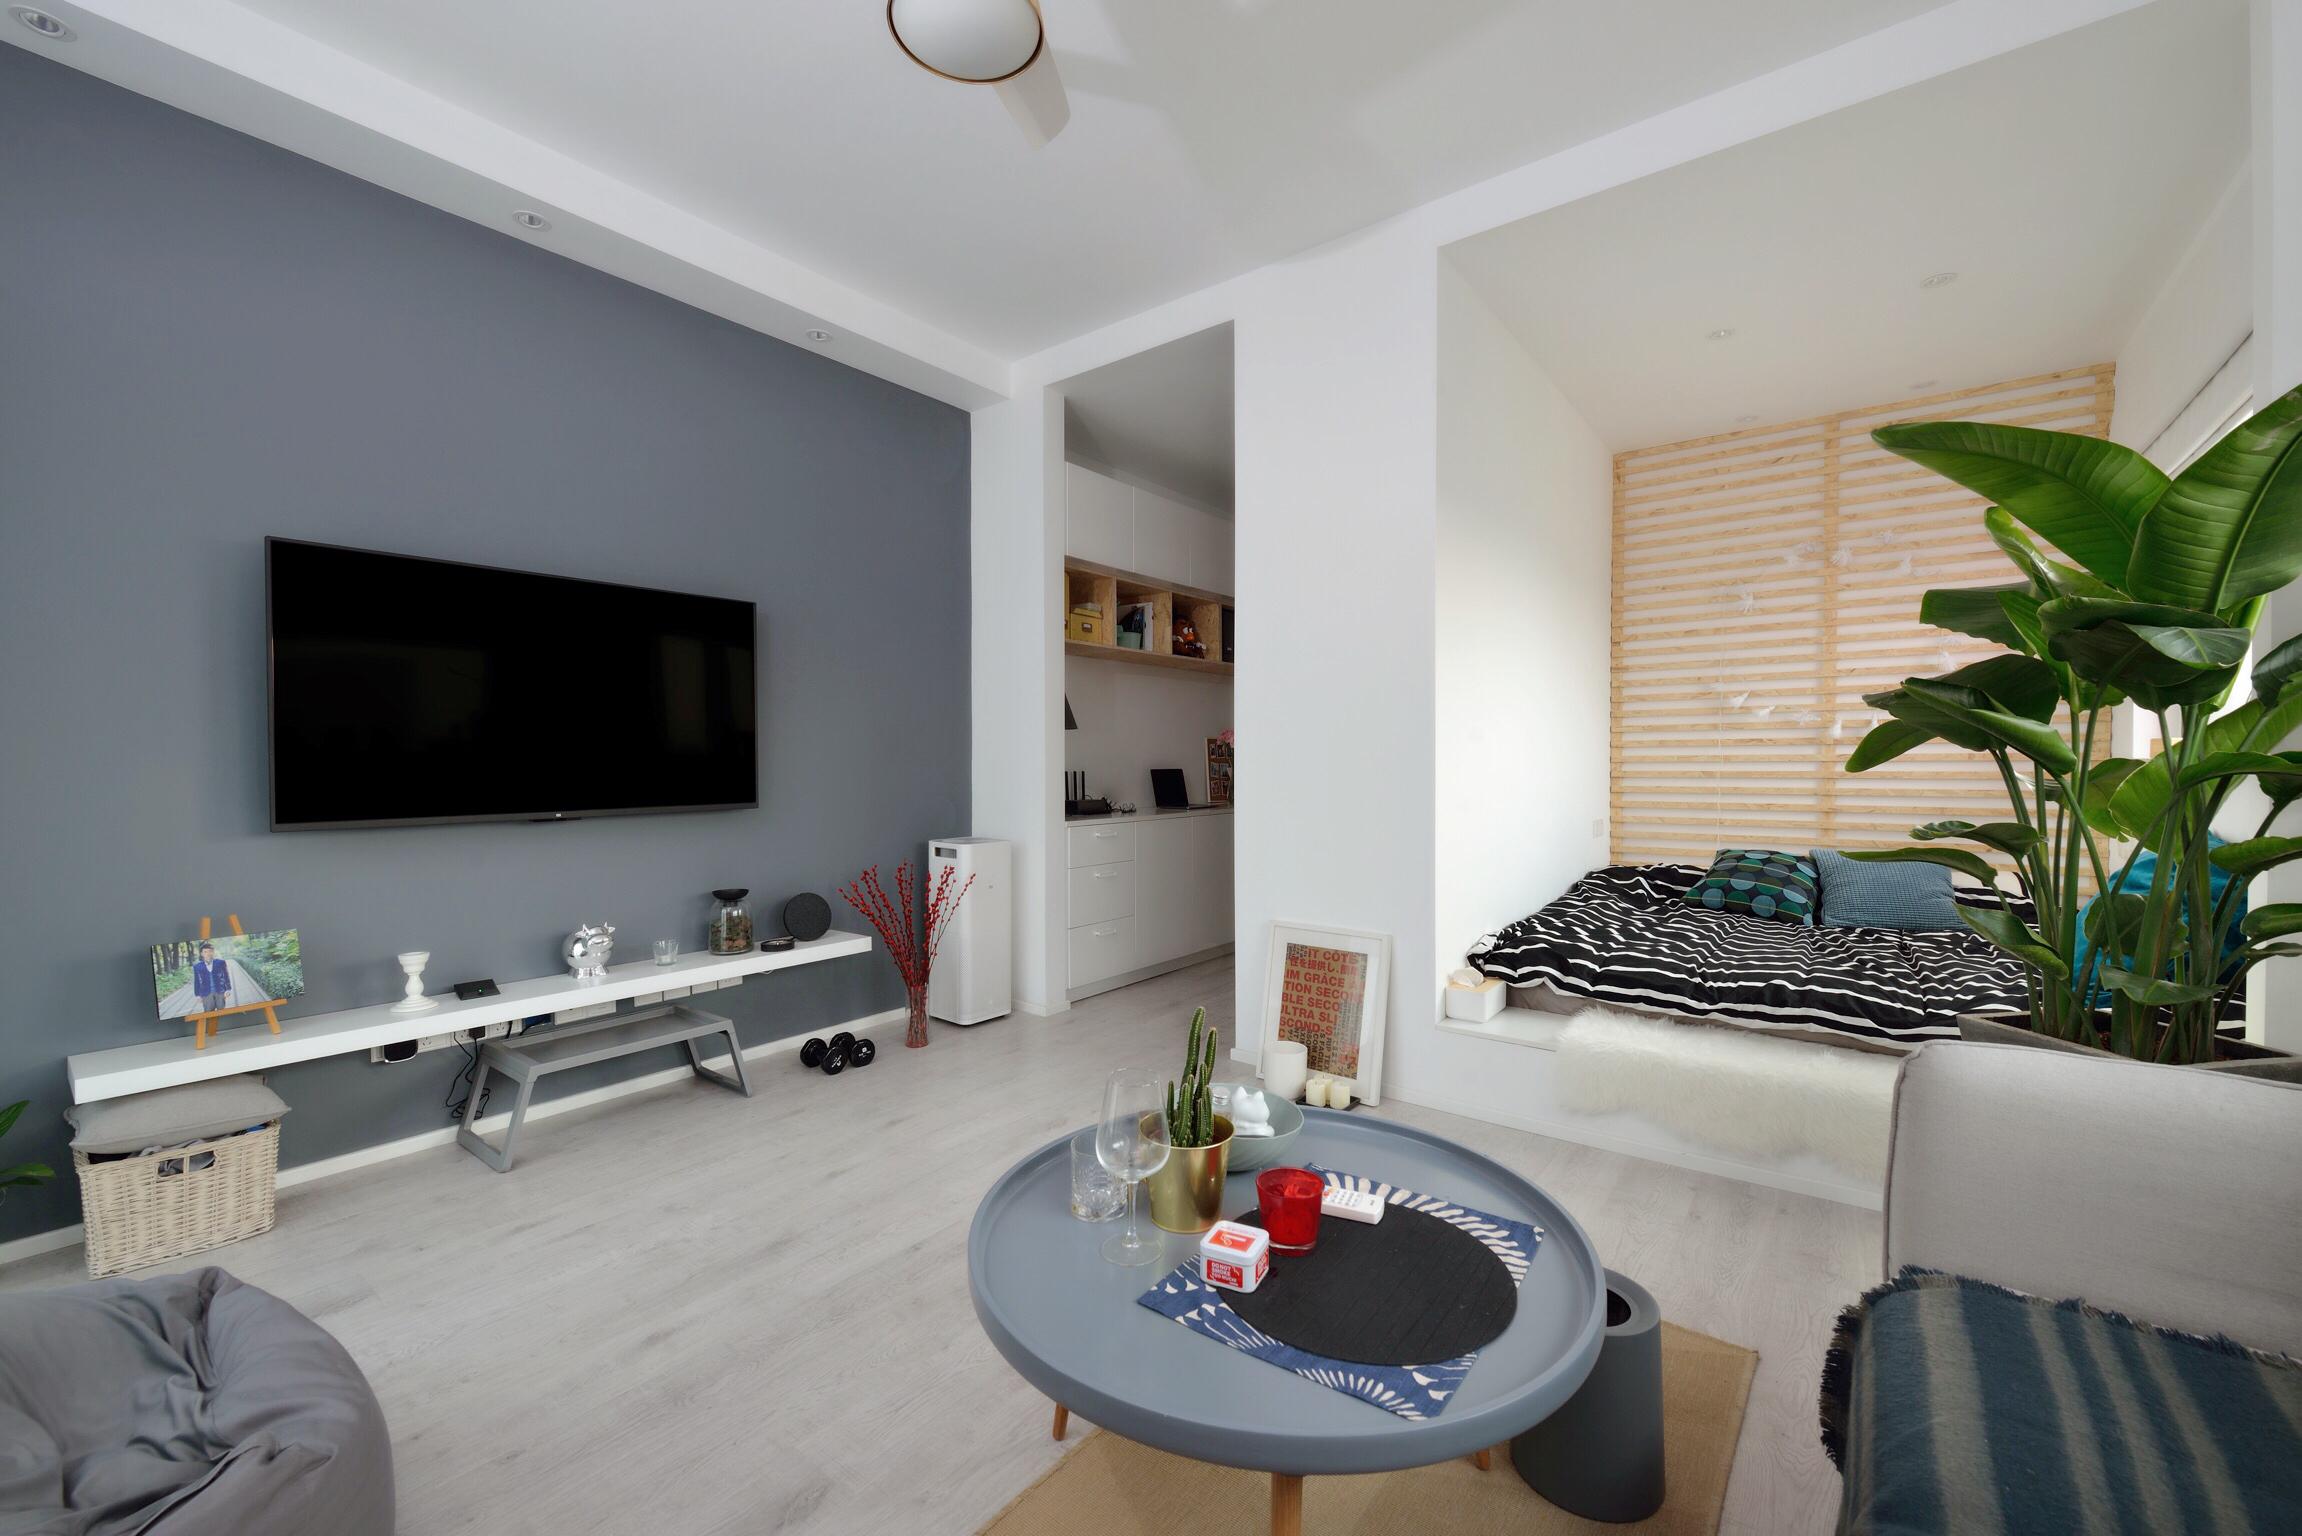 38平米小户型客厅电视墙装修效果图